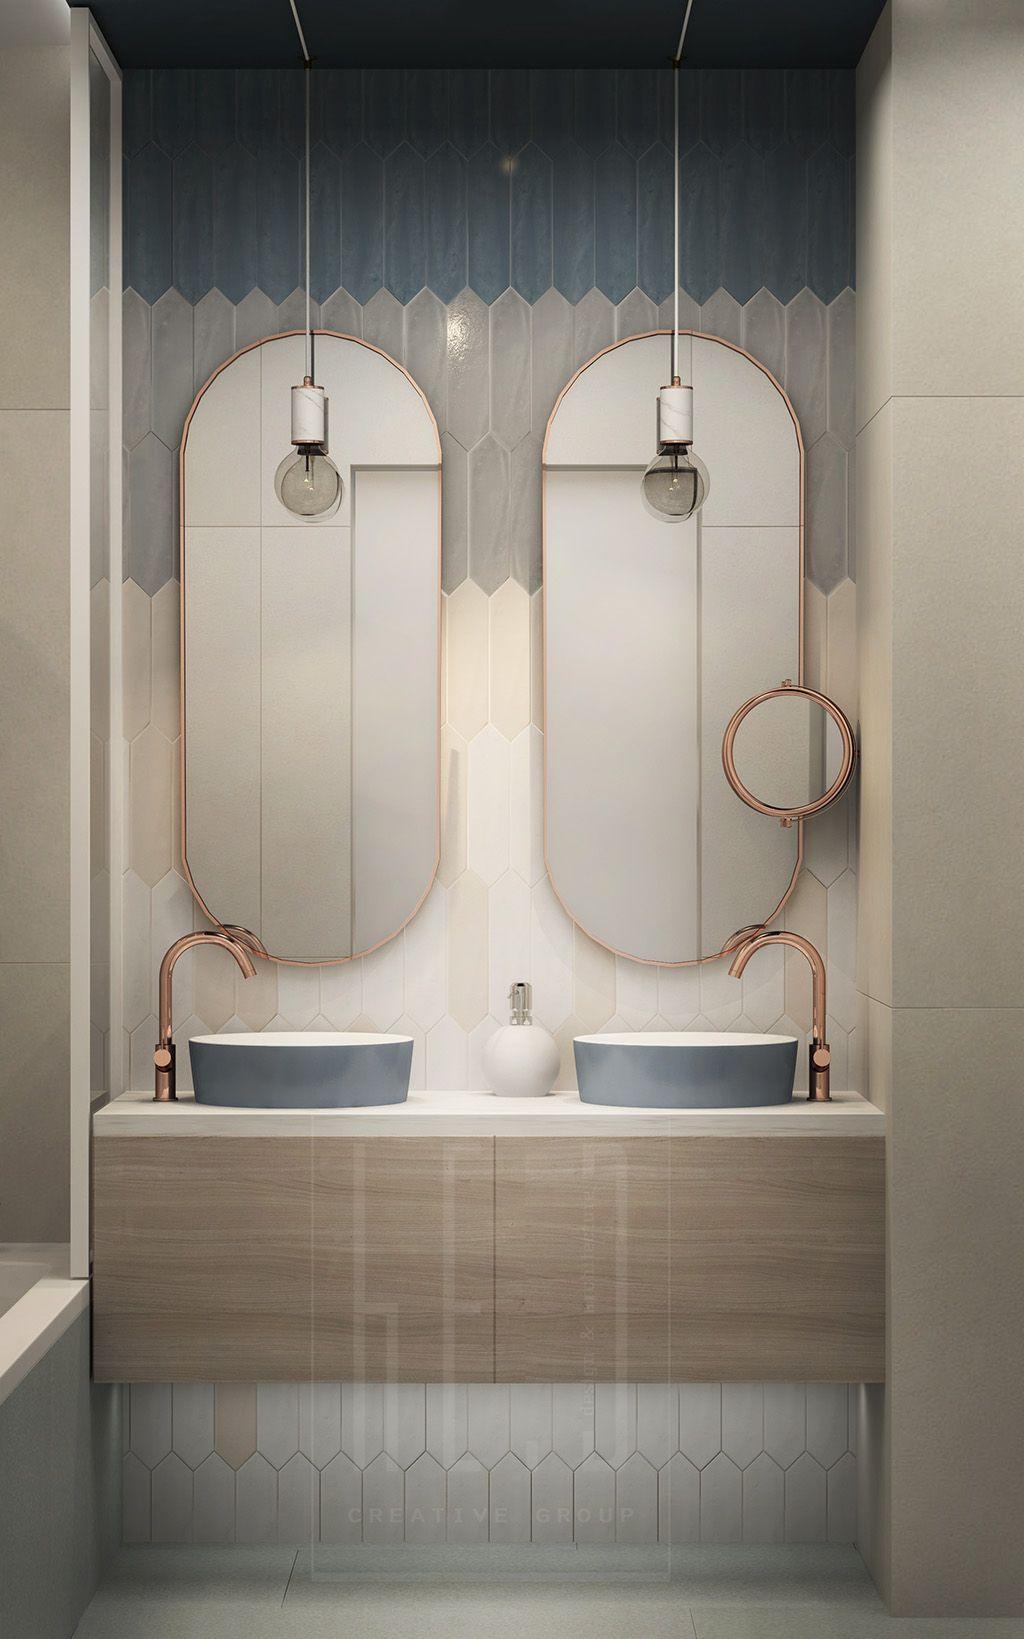 40 Doppel Waschbecken Badezimmer Eitelkeiten #badezimmer #BadezimmerIdeen  #doppel #eitelkeiten #waschbecken